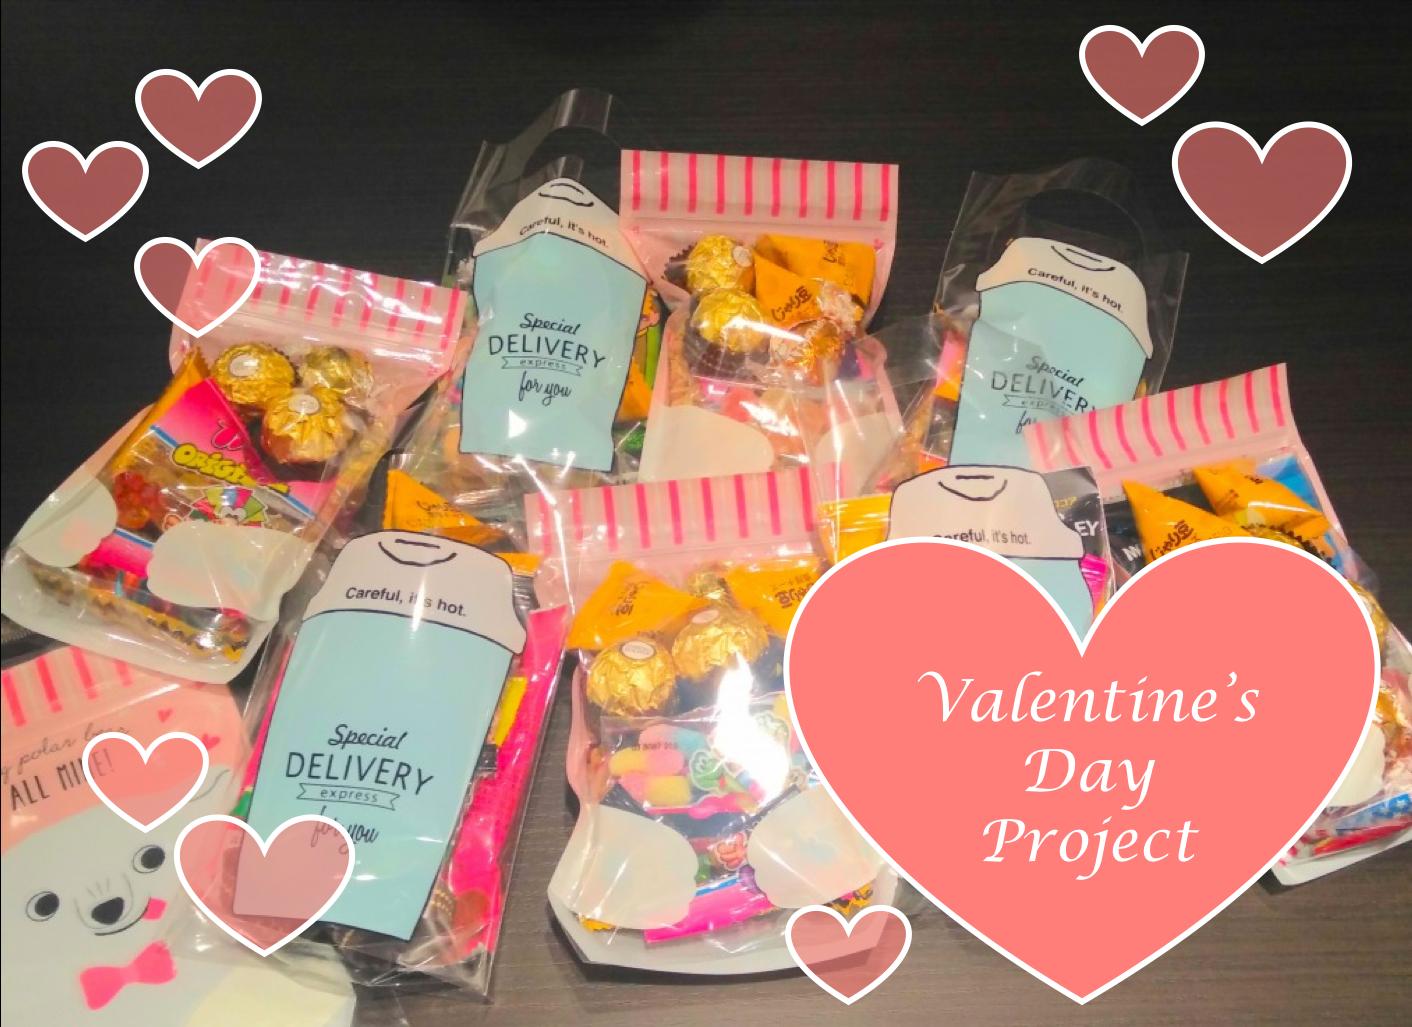 2月といえばバレンタイン!プルークスの社内イベント、裏側を紹介します!